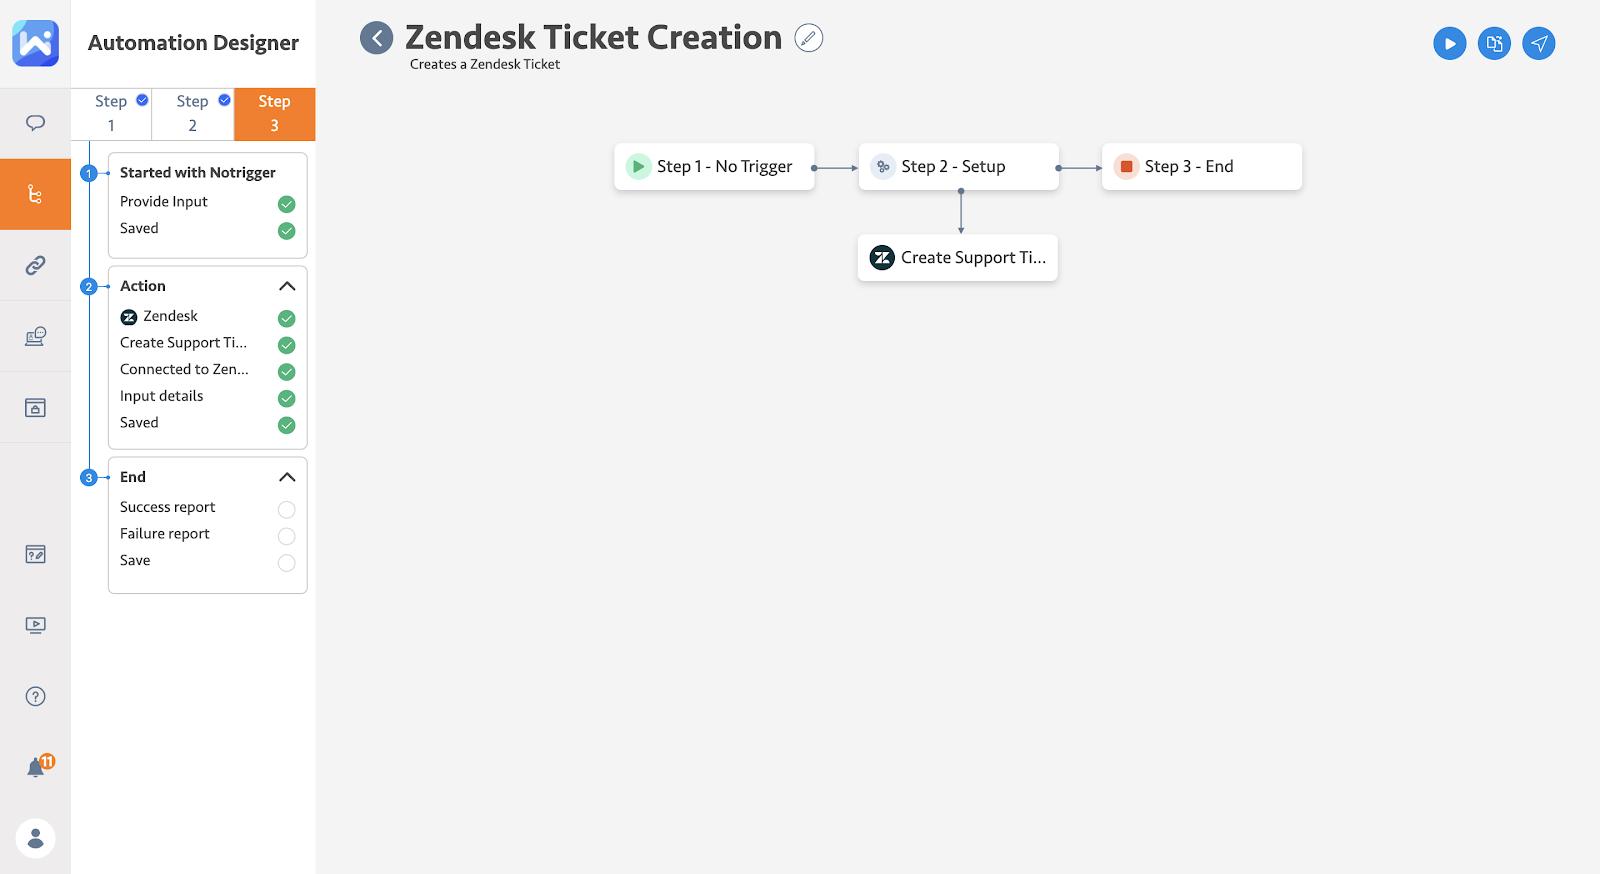 Zendesk ticket